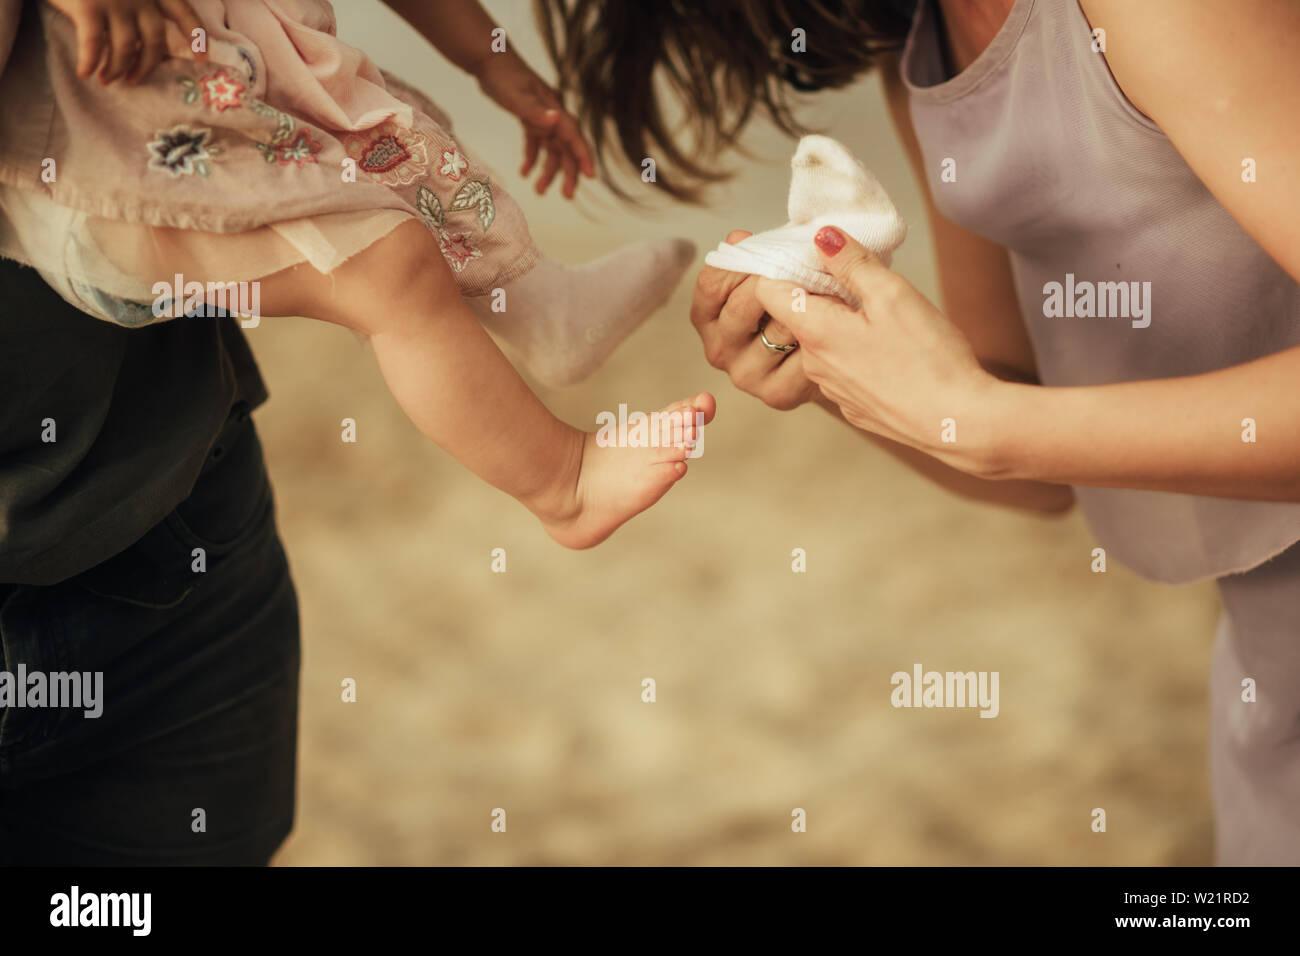 Mutter setzt eine Socke auf dem Fuß ihrer kleinen Tochter. Nahaufnahme. Stockfoto